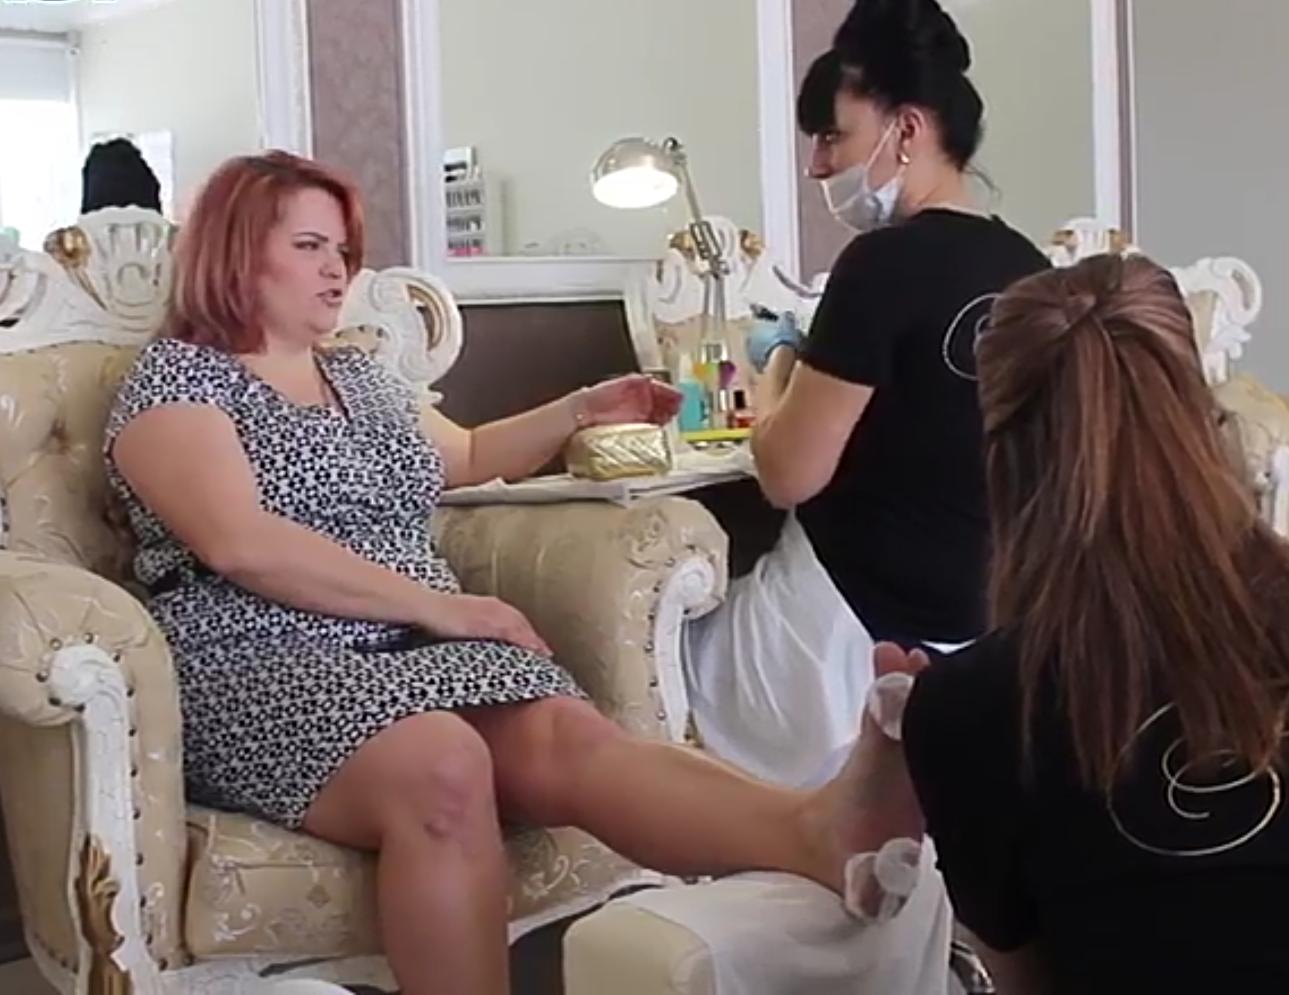 В Новороссийской студии красоты «FRESH»  мастера работают дуэтом в четыре руки